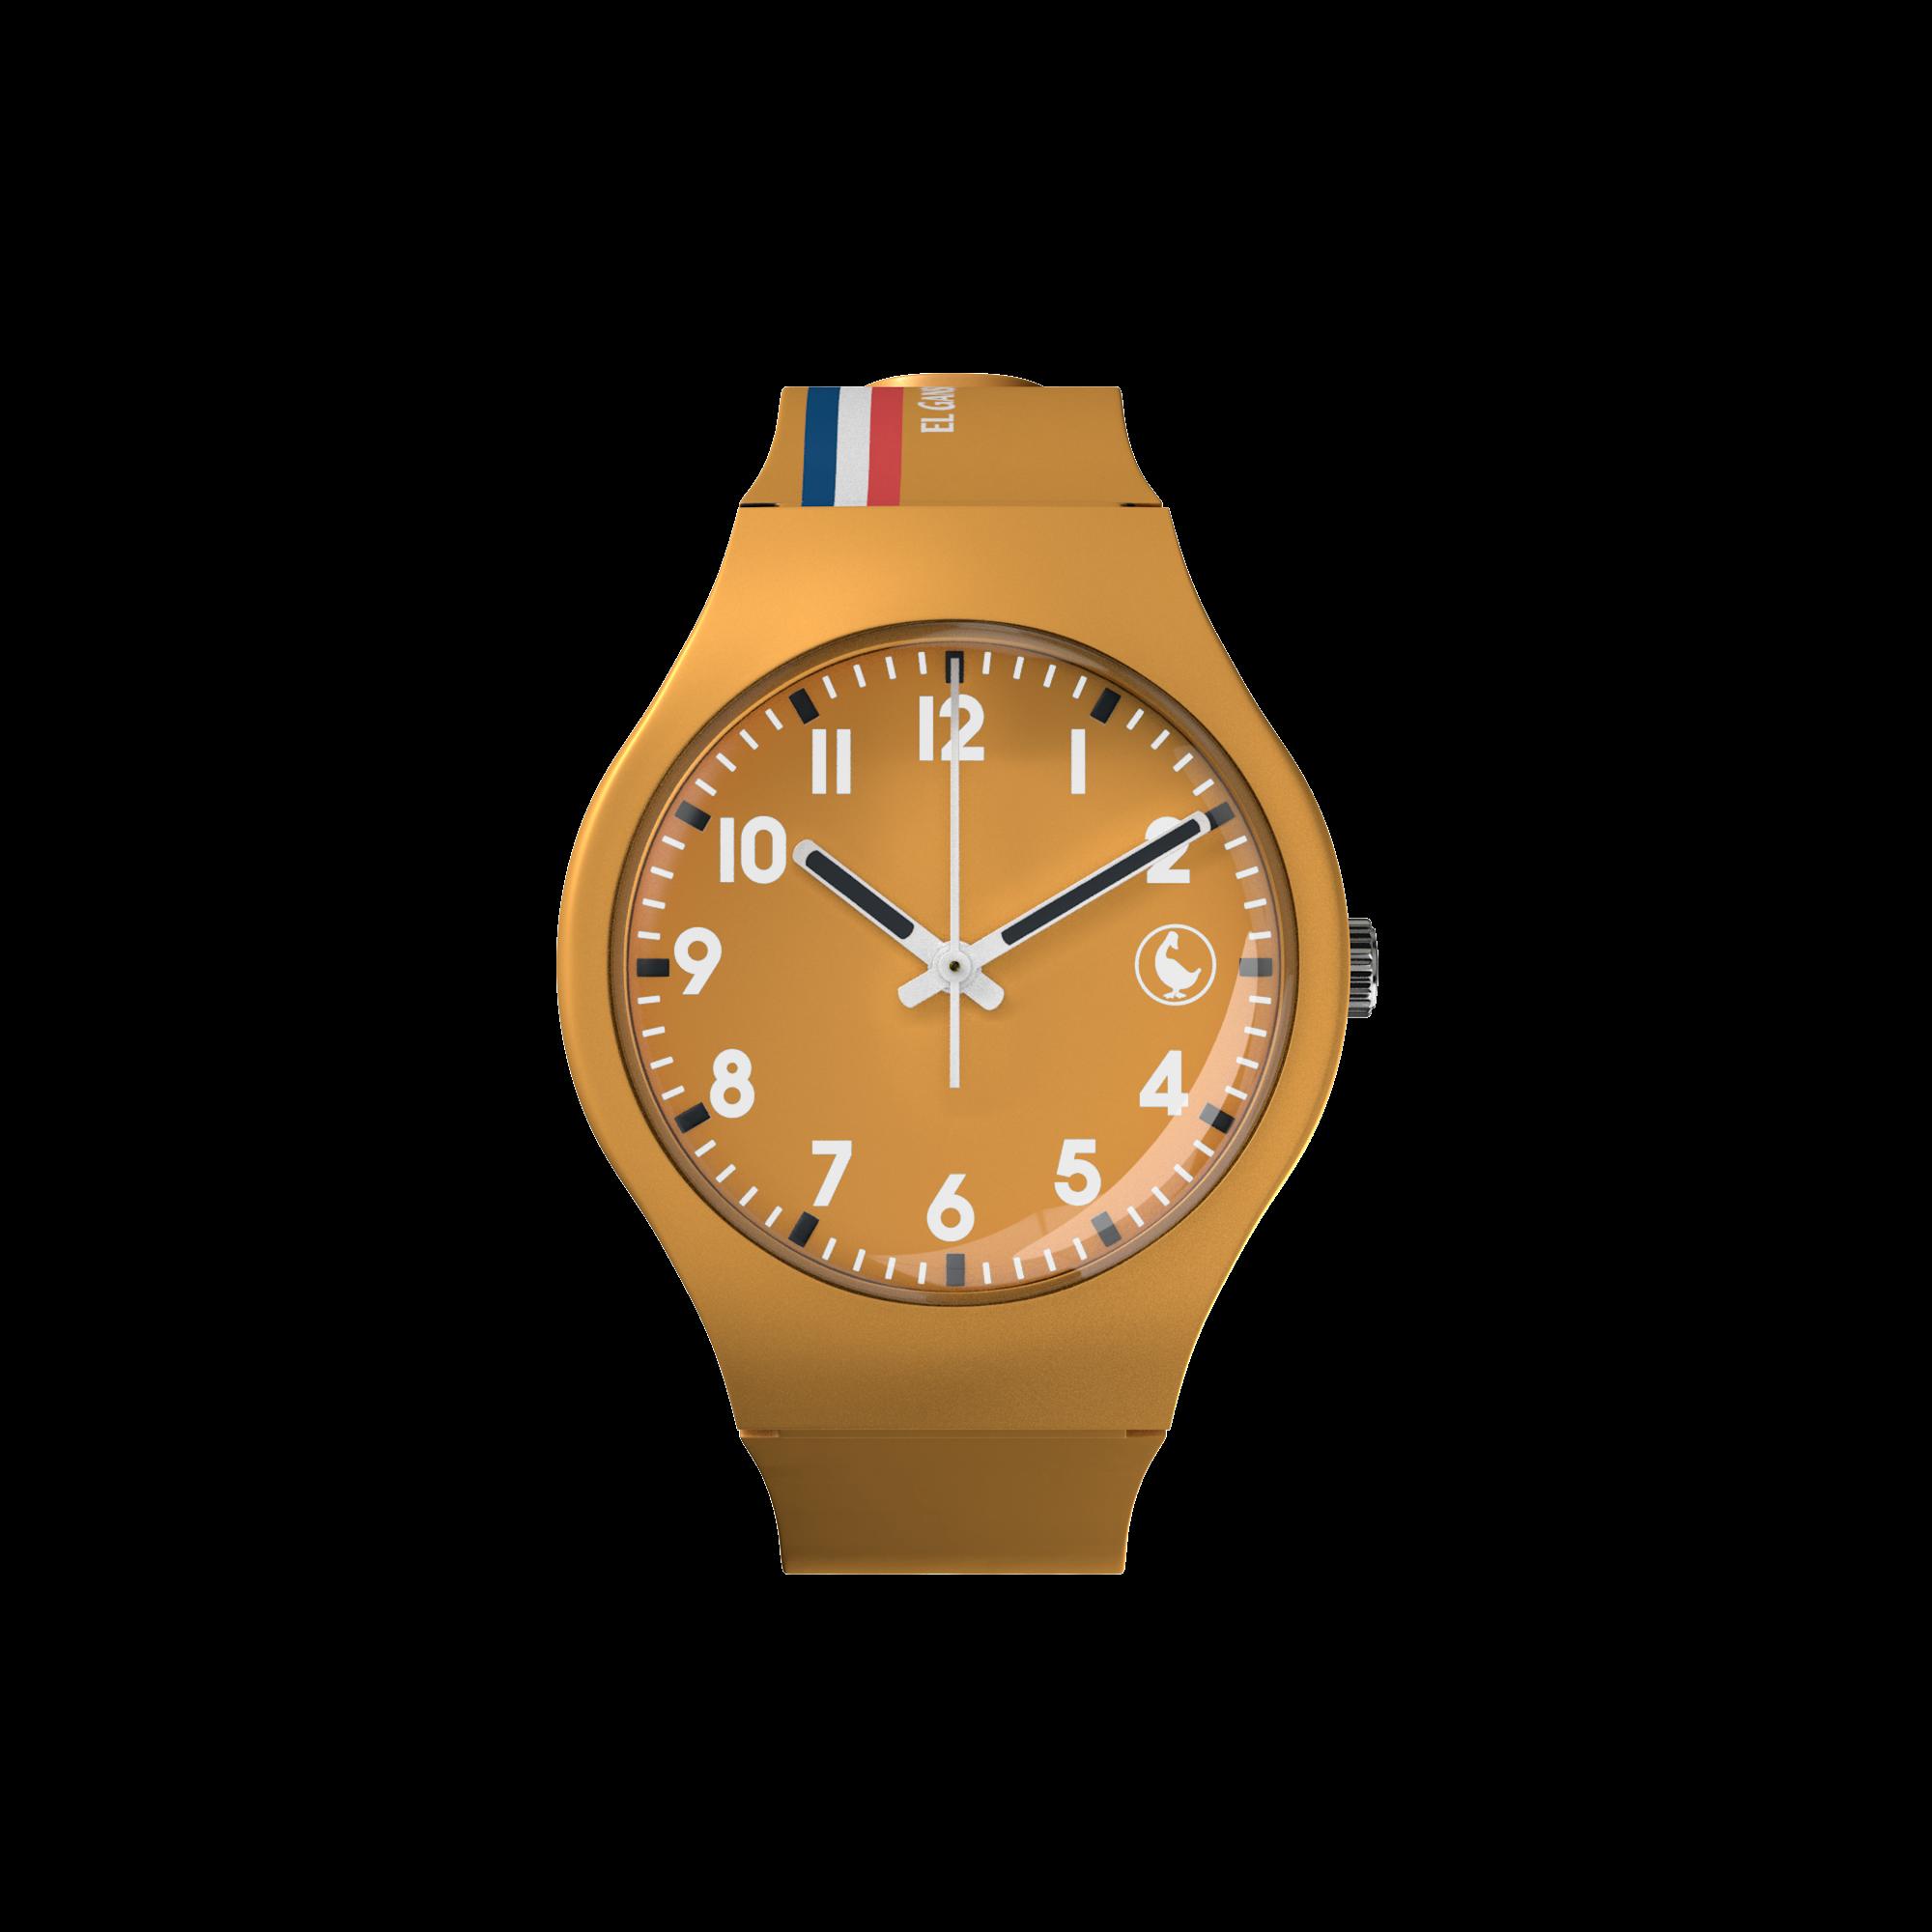 Reloj Ganso Amarillo Image 1